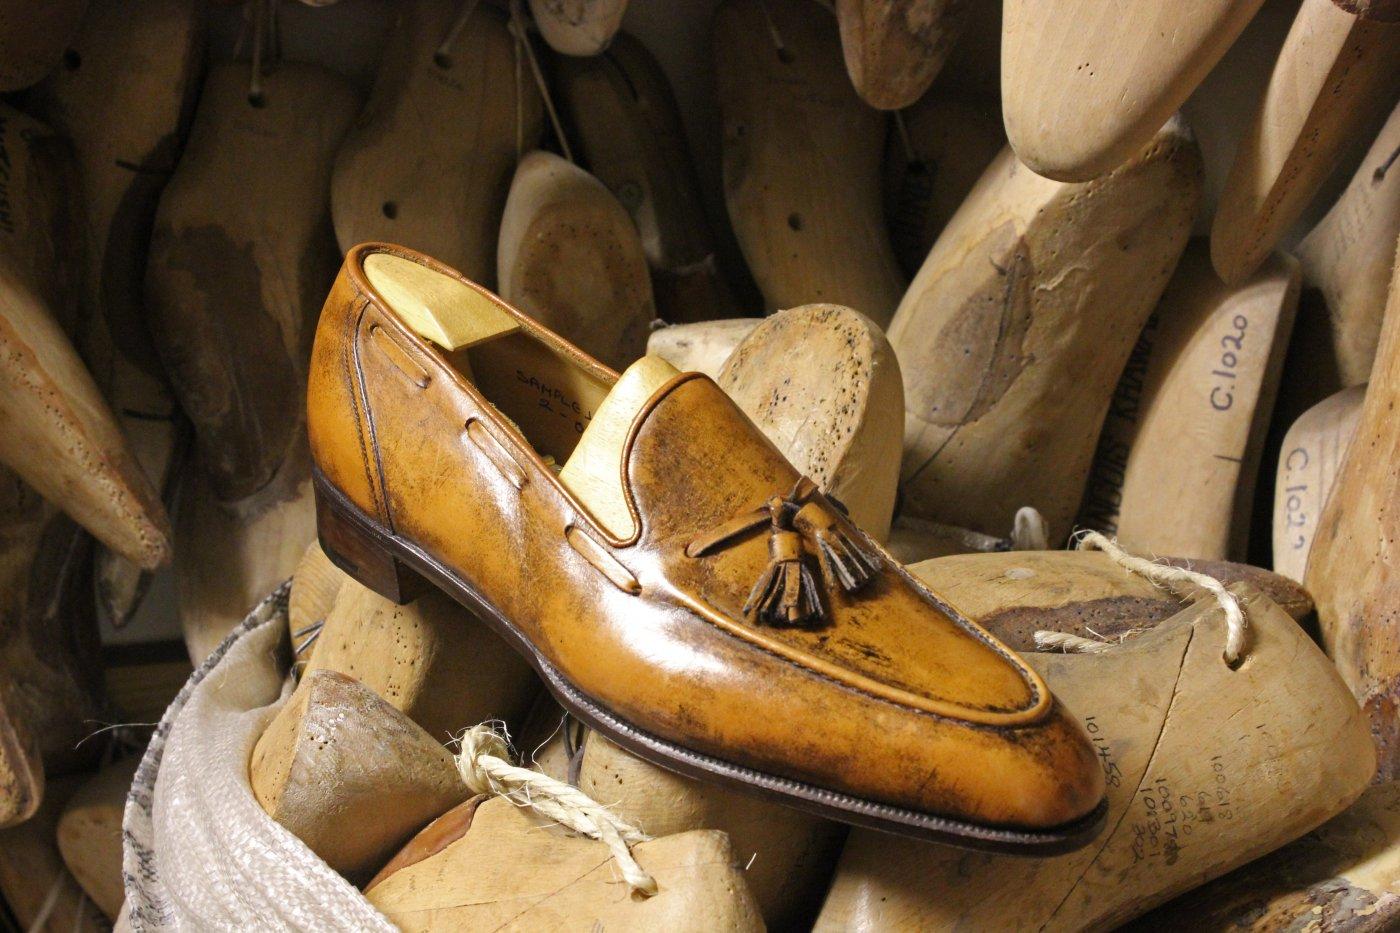 A bespoke George Cleverley shoe made for prolific client  Baron de Rédé .